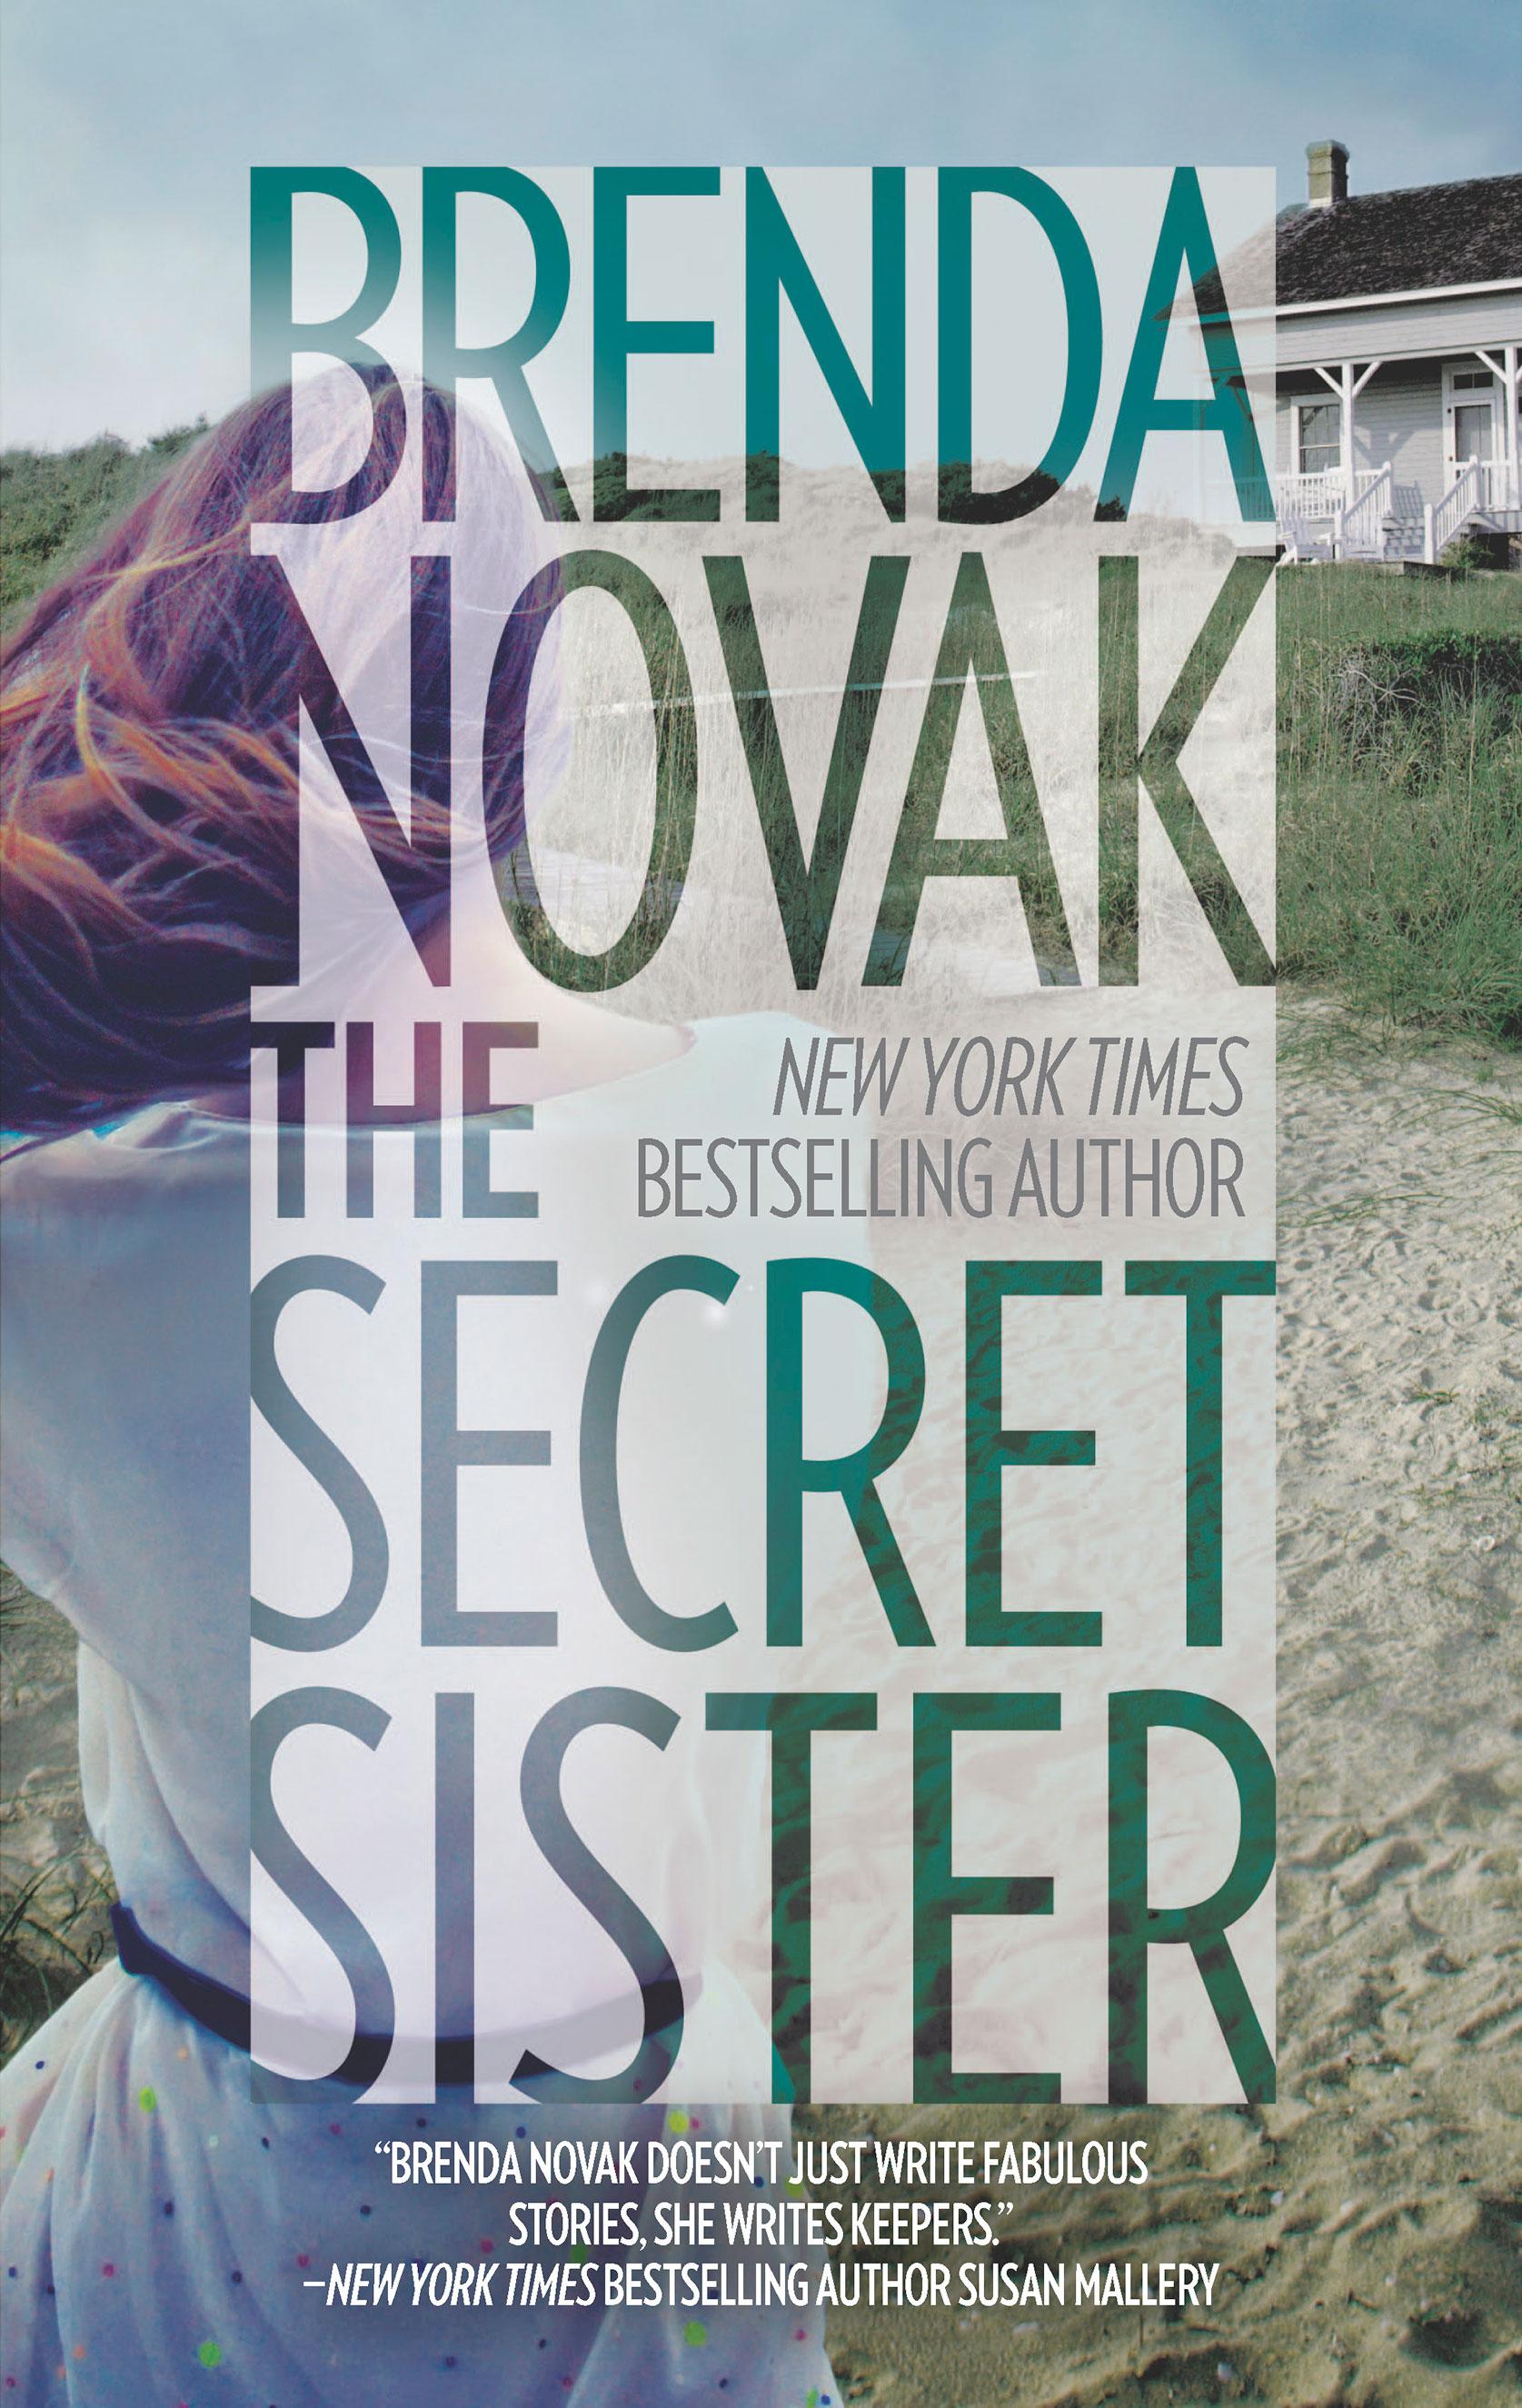 The Secret Sister (TP) Cover Art